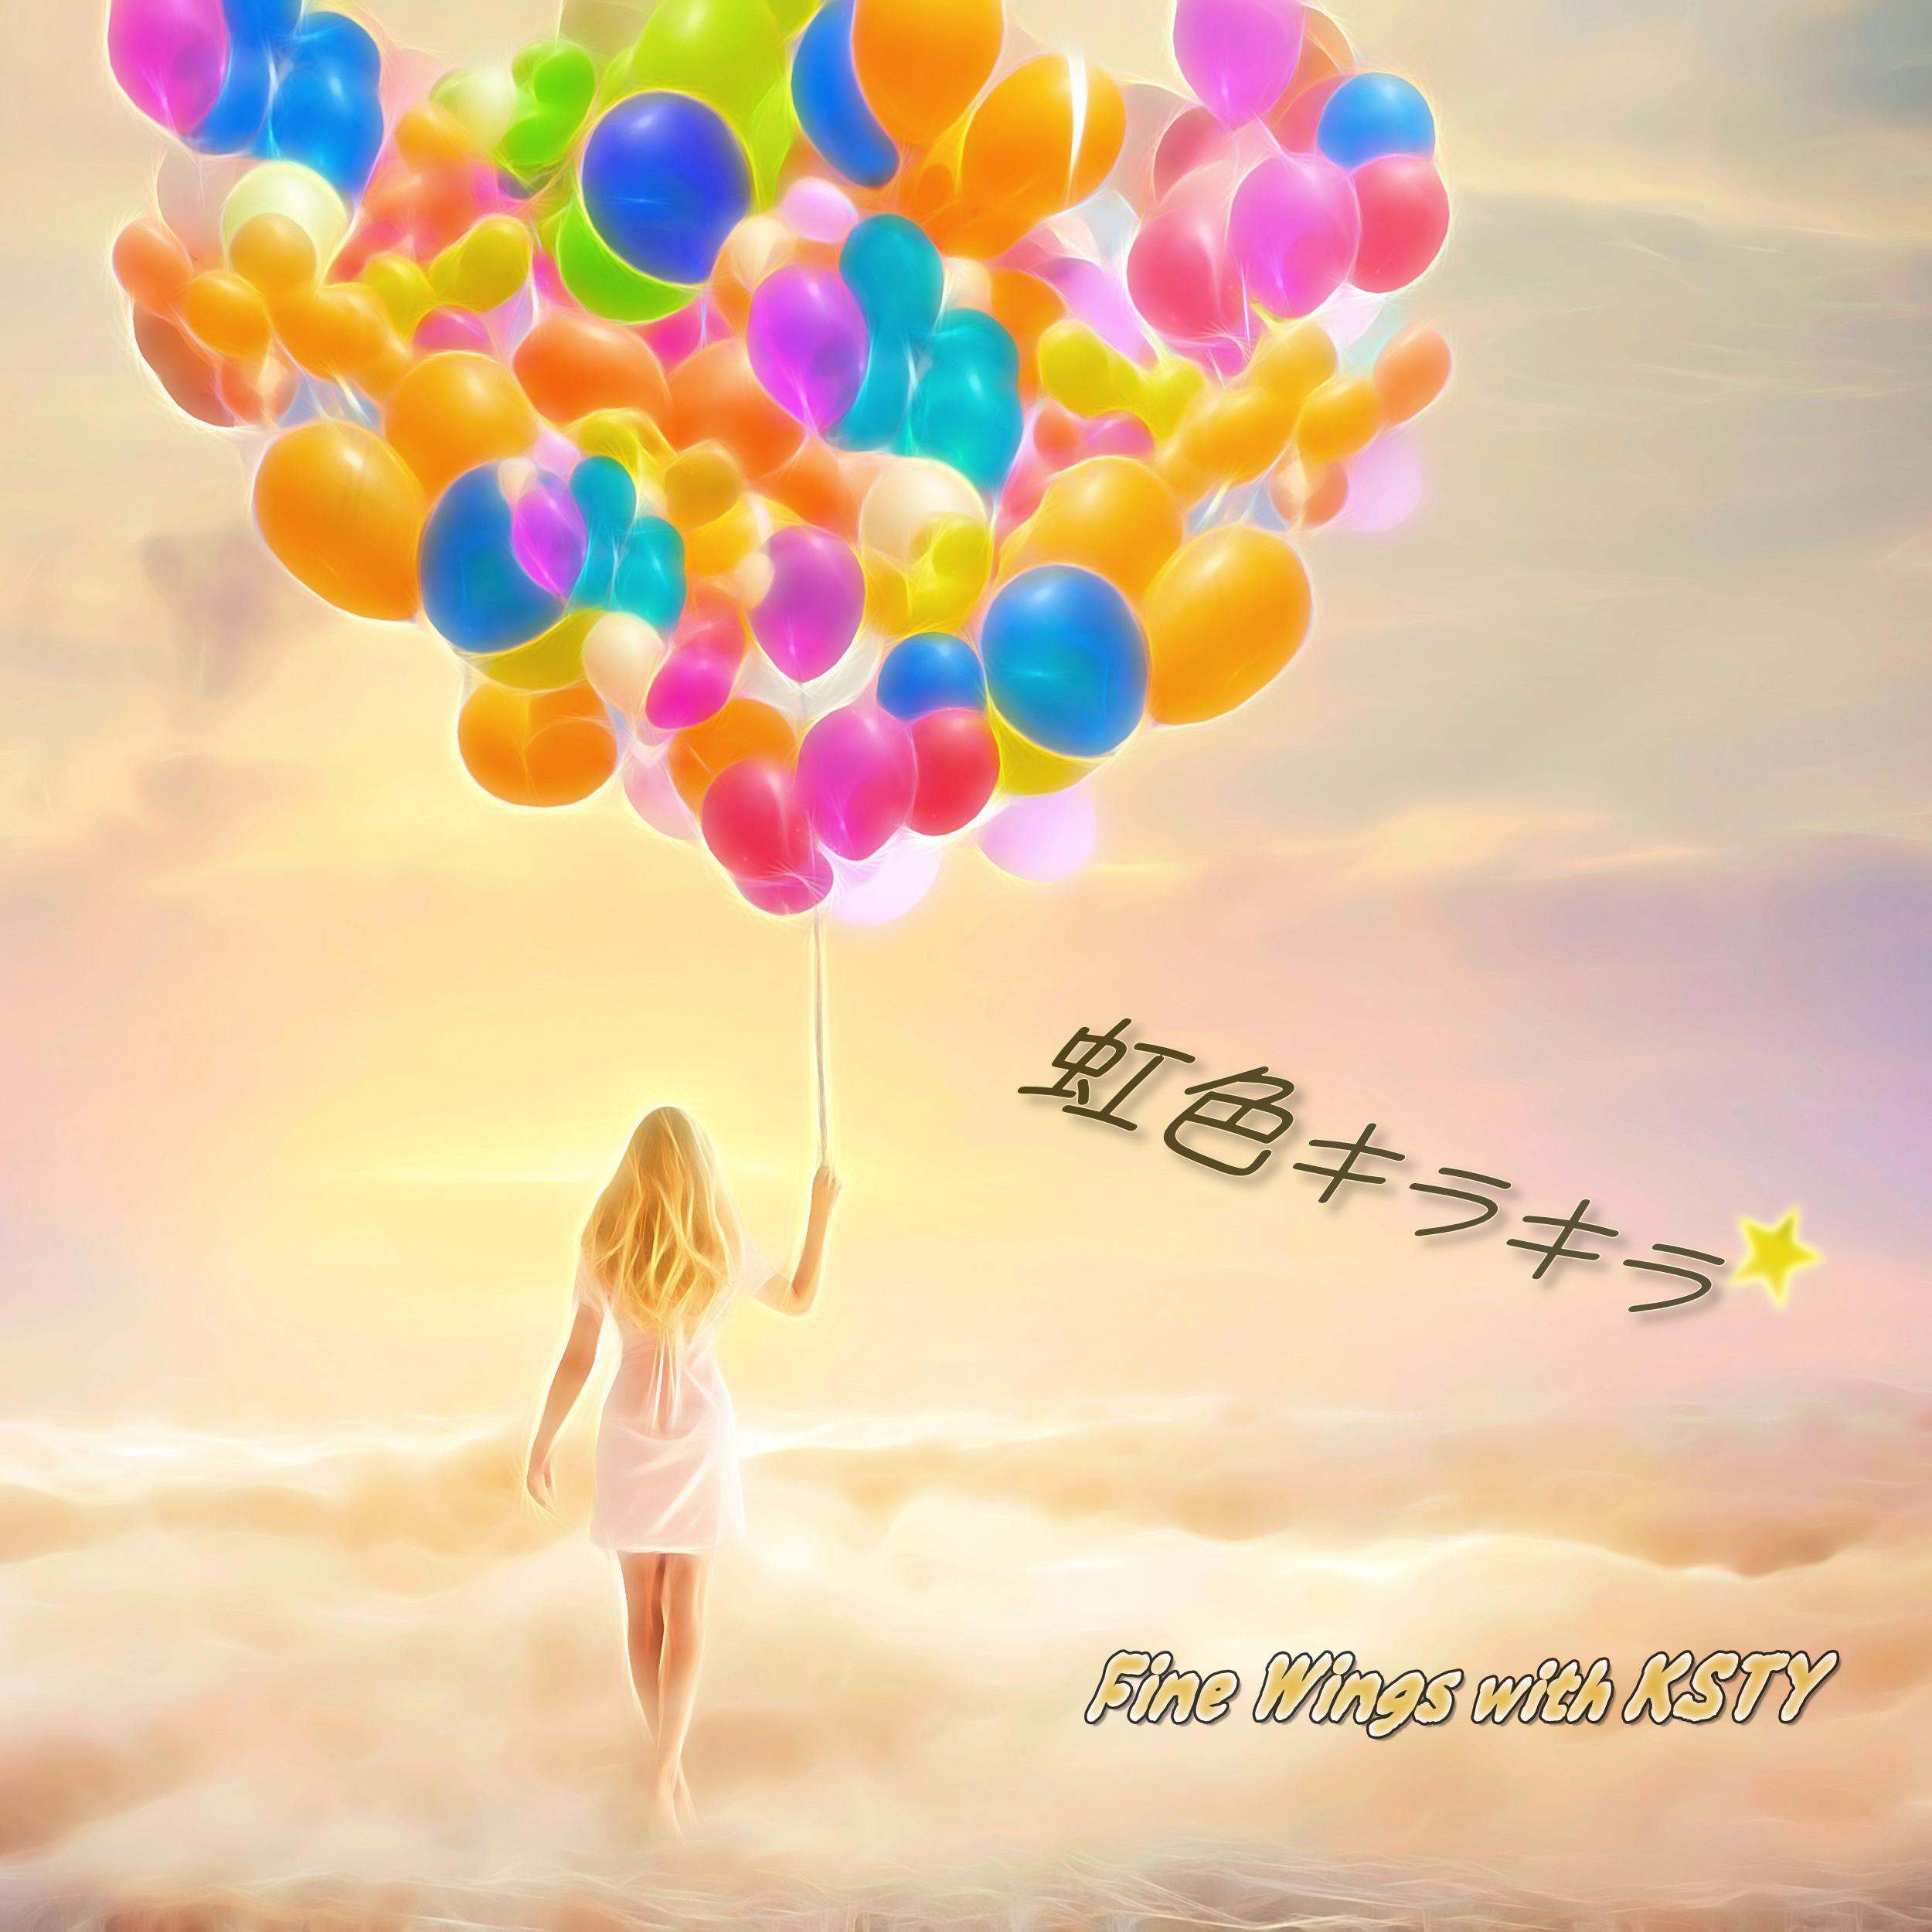 虹色キラキラ - アートワーク